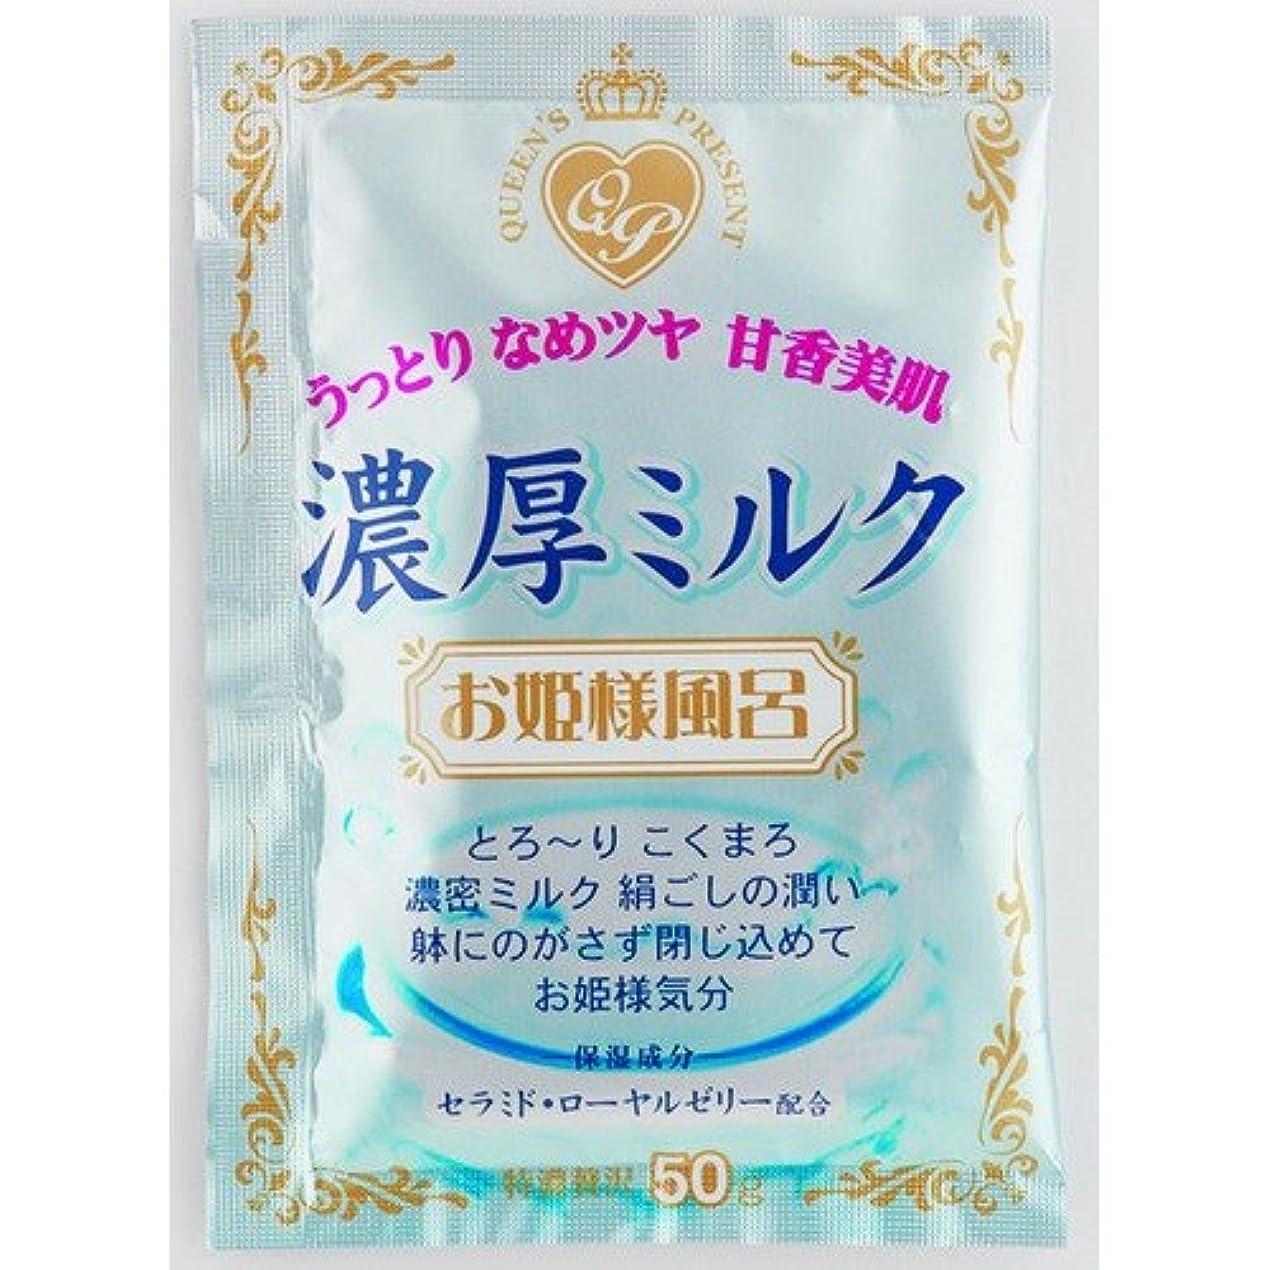 マングル注文環境お姫様風呂 濃厚ミルク 50g